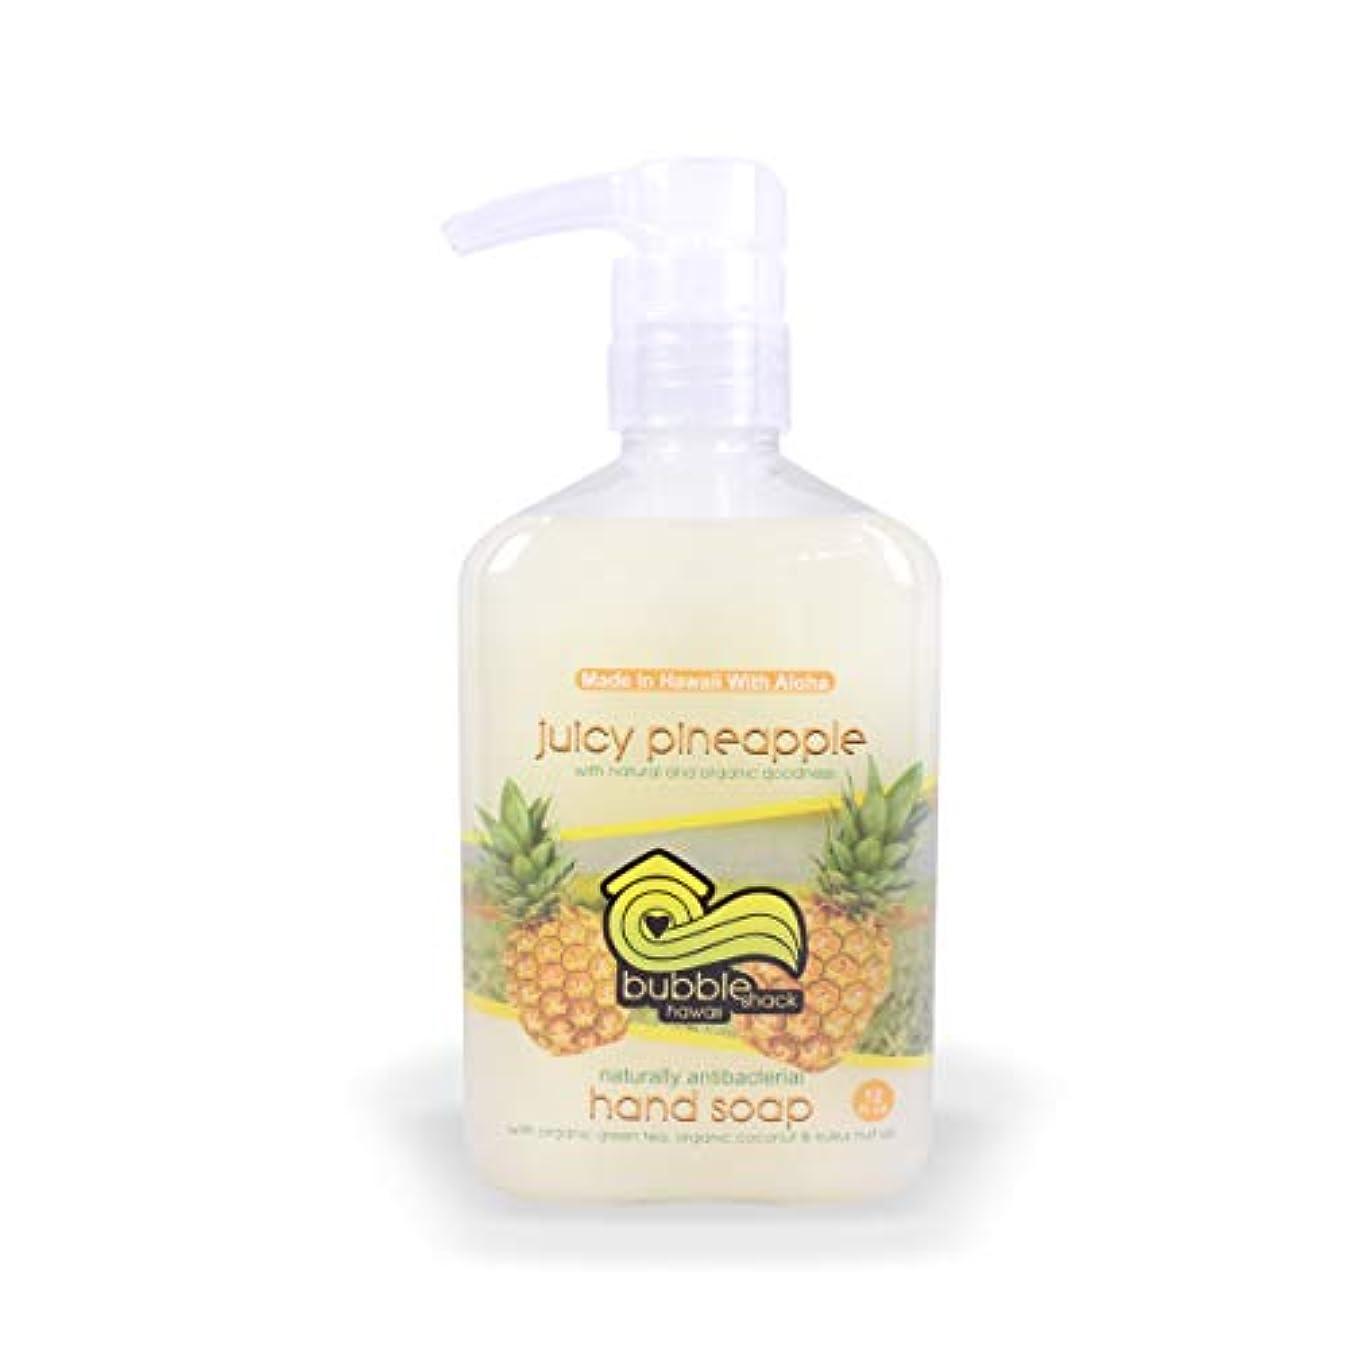 ホストビール冷蔵庫【正規輸入品】 バブルシャック?ハワイ Bubble shack Hand Soap ハンドソープ juicy pineapple ジューシーパイナップル 340ml